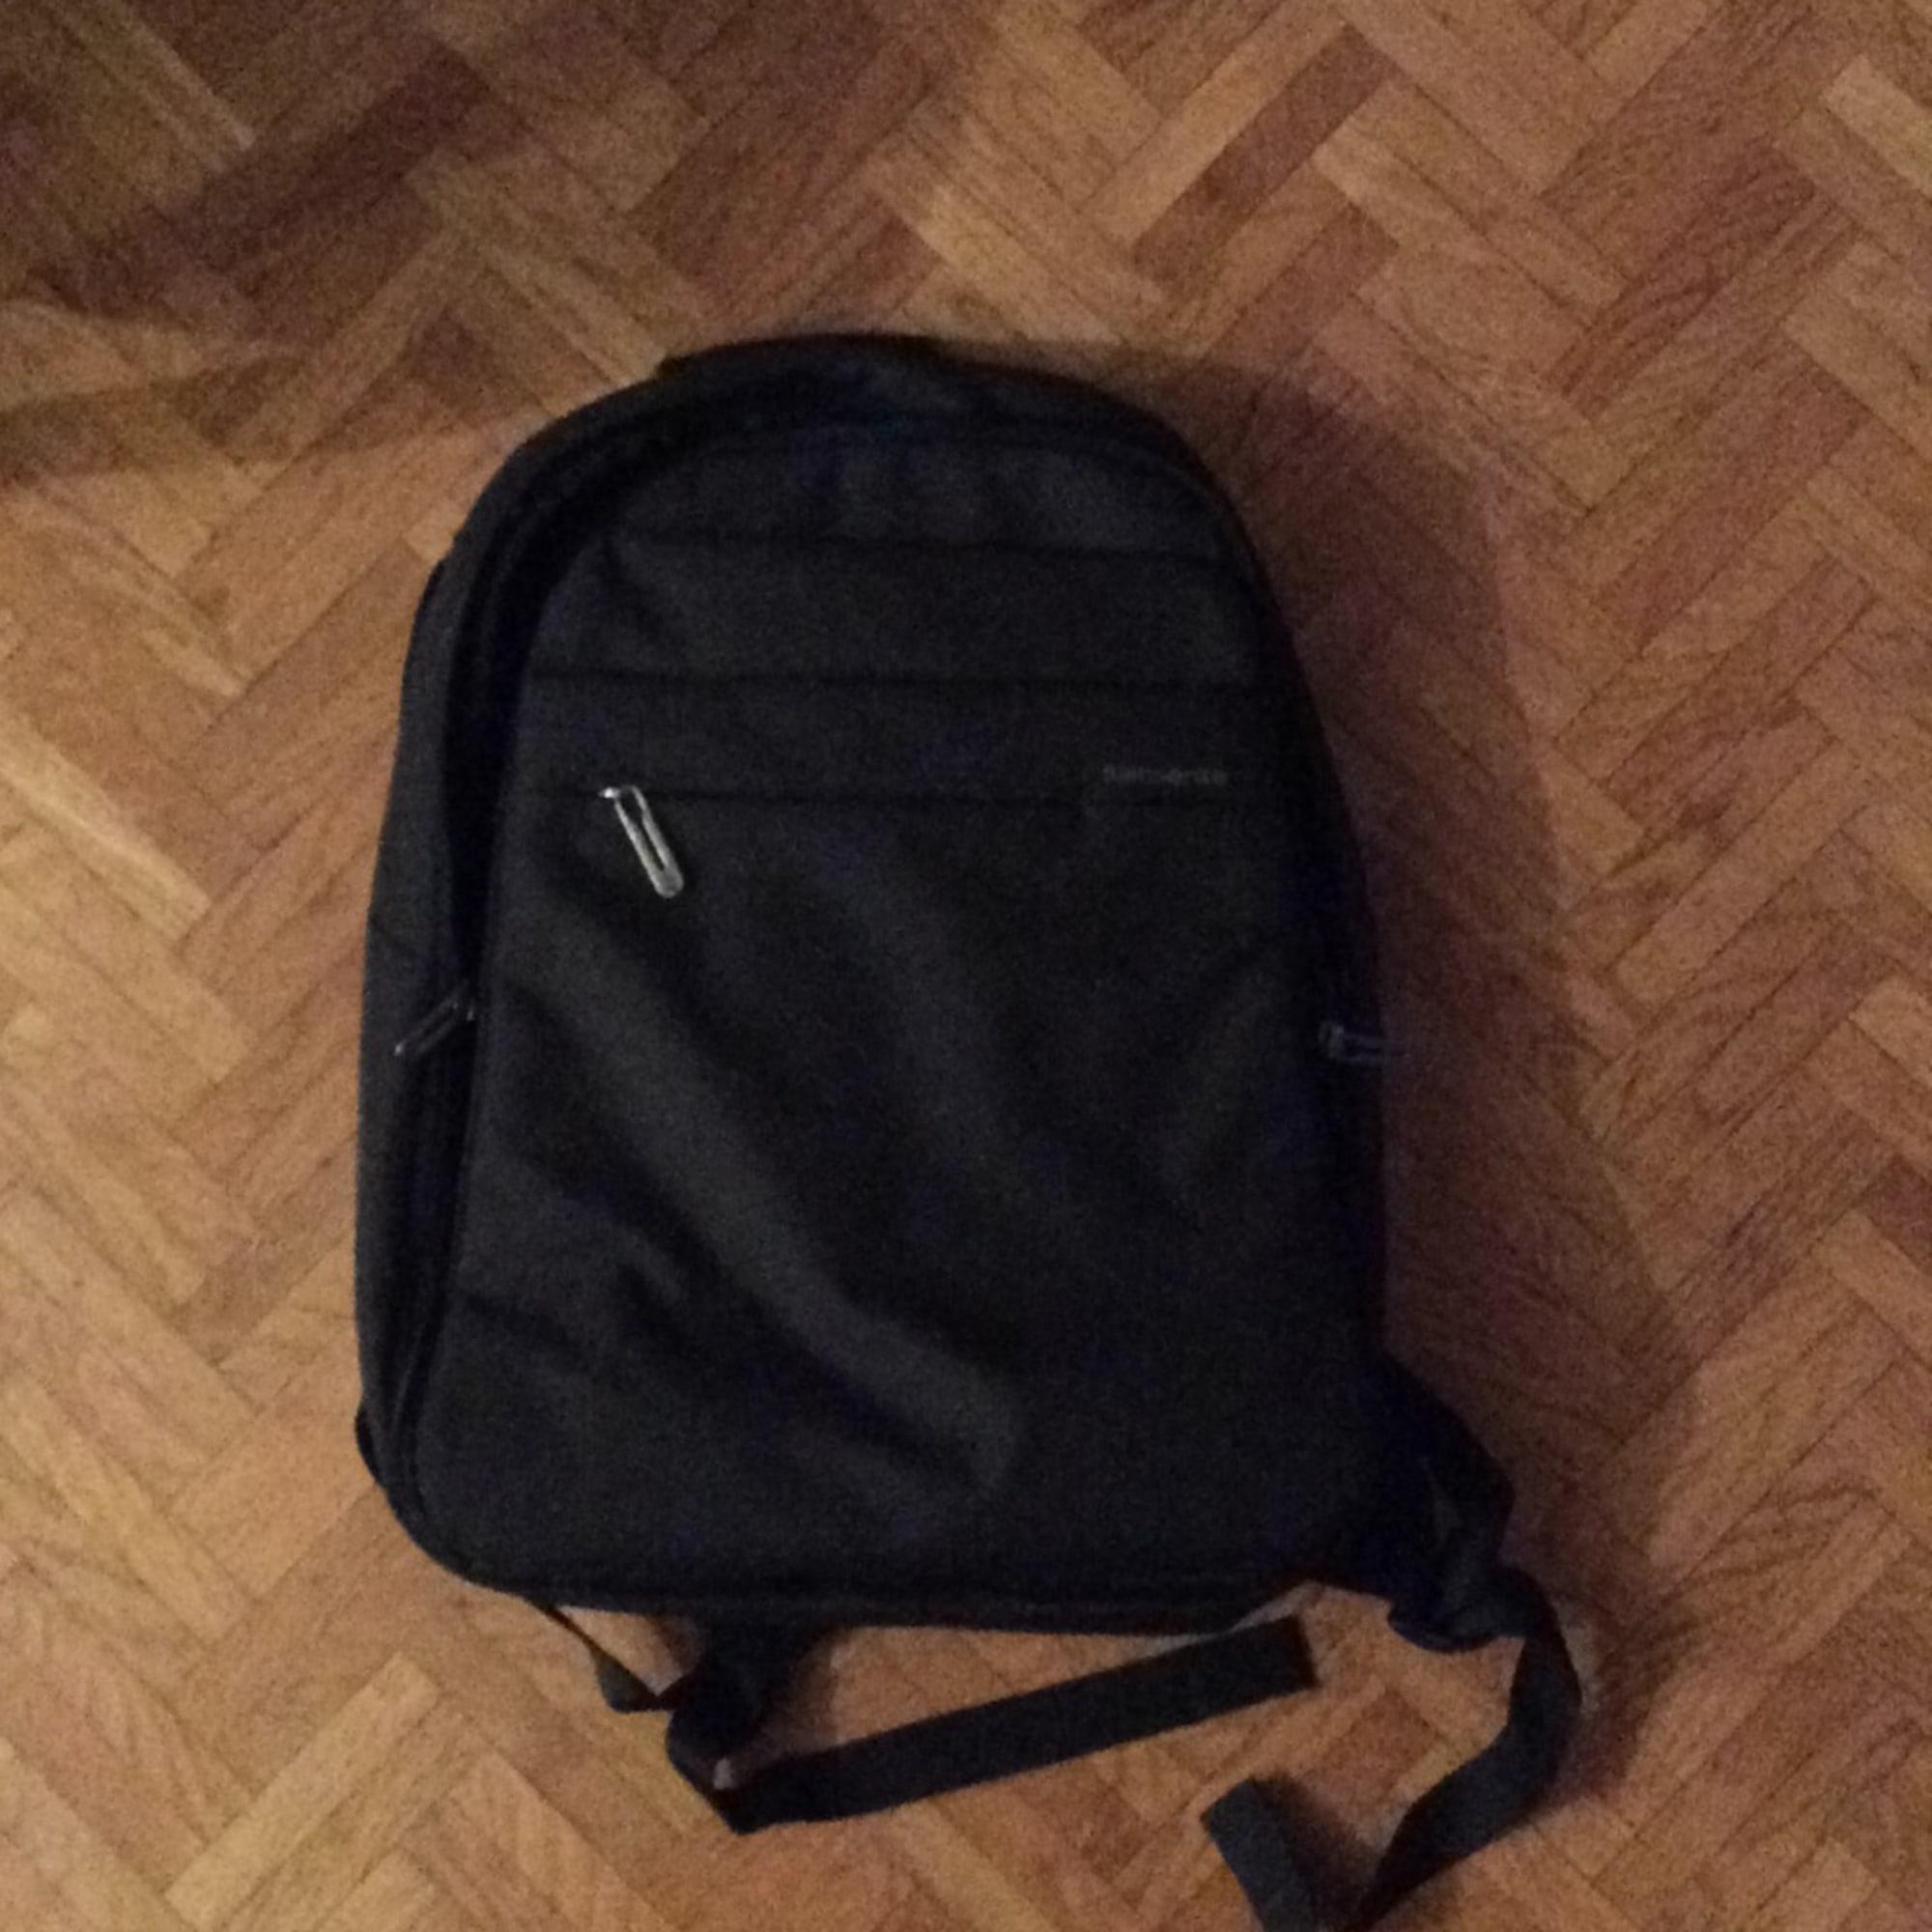 sac dos samsonite noir vendu par delphine248905 4805934. Black Bedroom Furniture Sets. Home Design Ideas